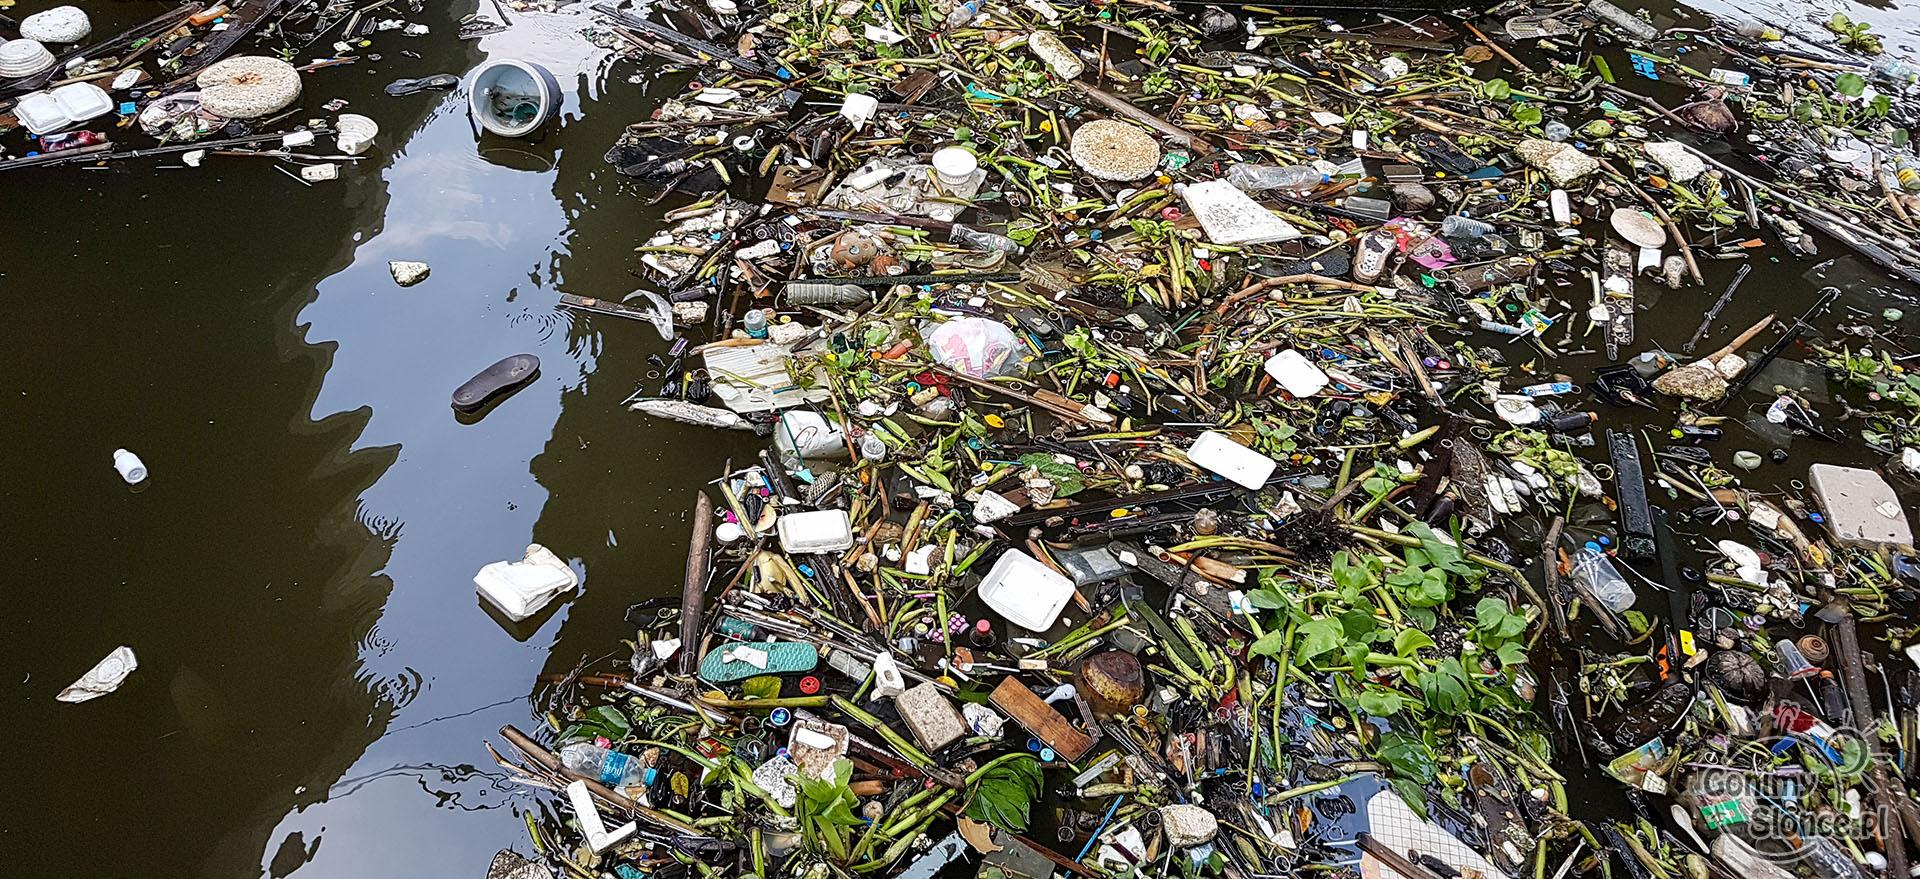 Eko podróżowanie - odpowiedzialne podróżowanie - śmieci i plastik wokół nas